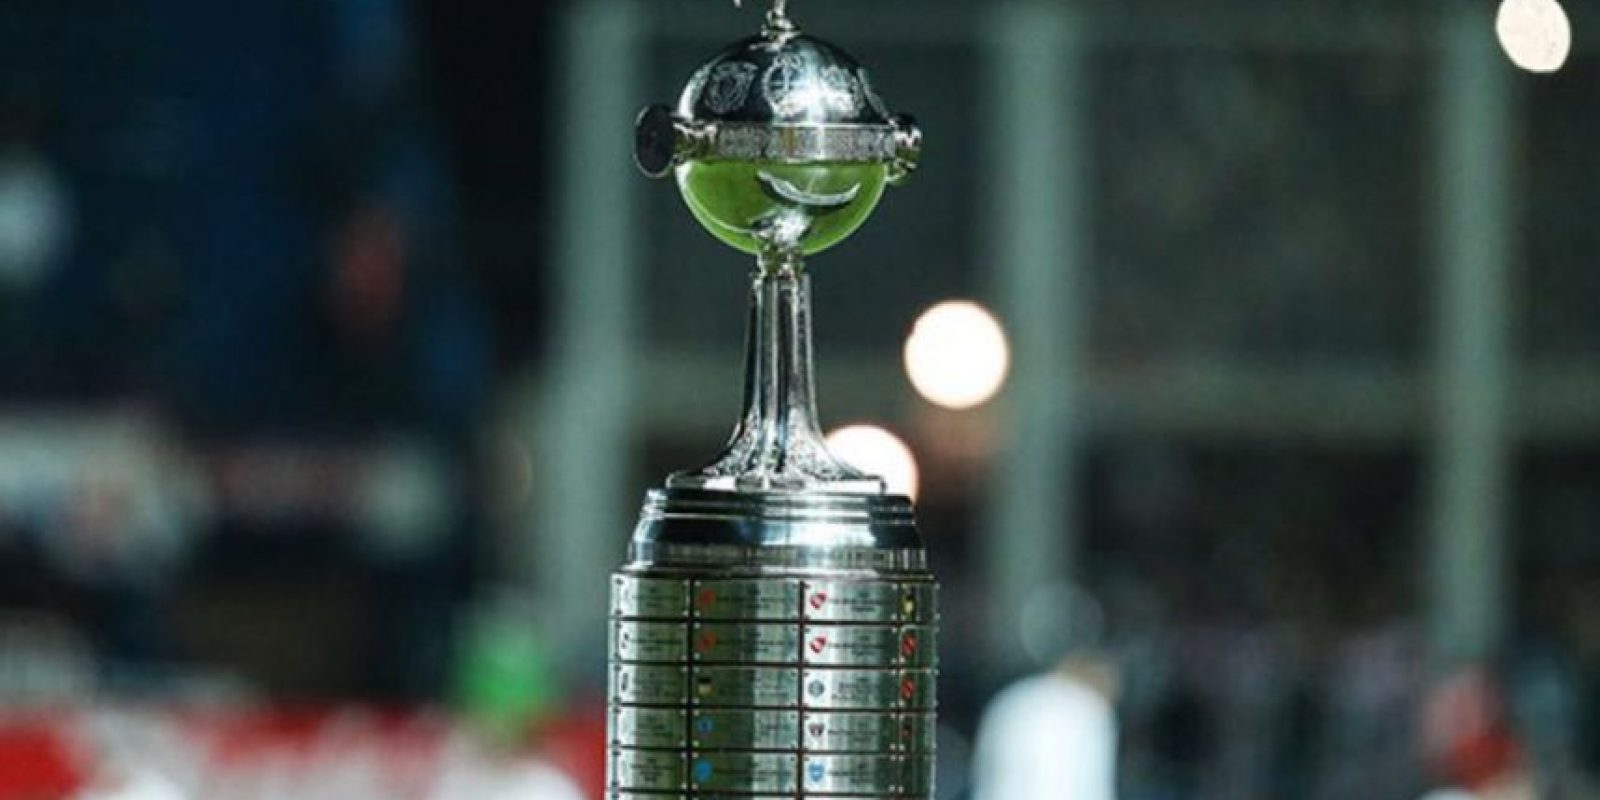 El Grupo 6 en el quedaron ubicados San Lorenzo de Argentina, Gremio de Porto Alegre, Liga Deportiva Universitaria de Quito y Toluca de México destaca como el sector de la muerte. Foto:Twitter